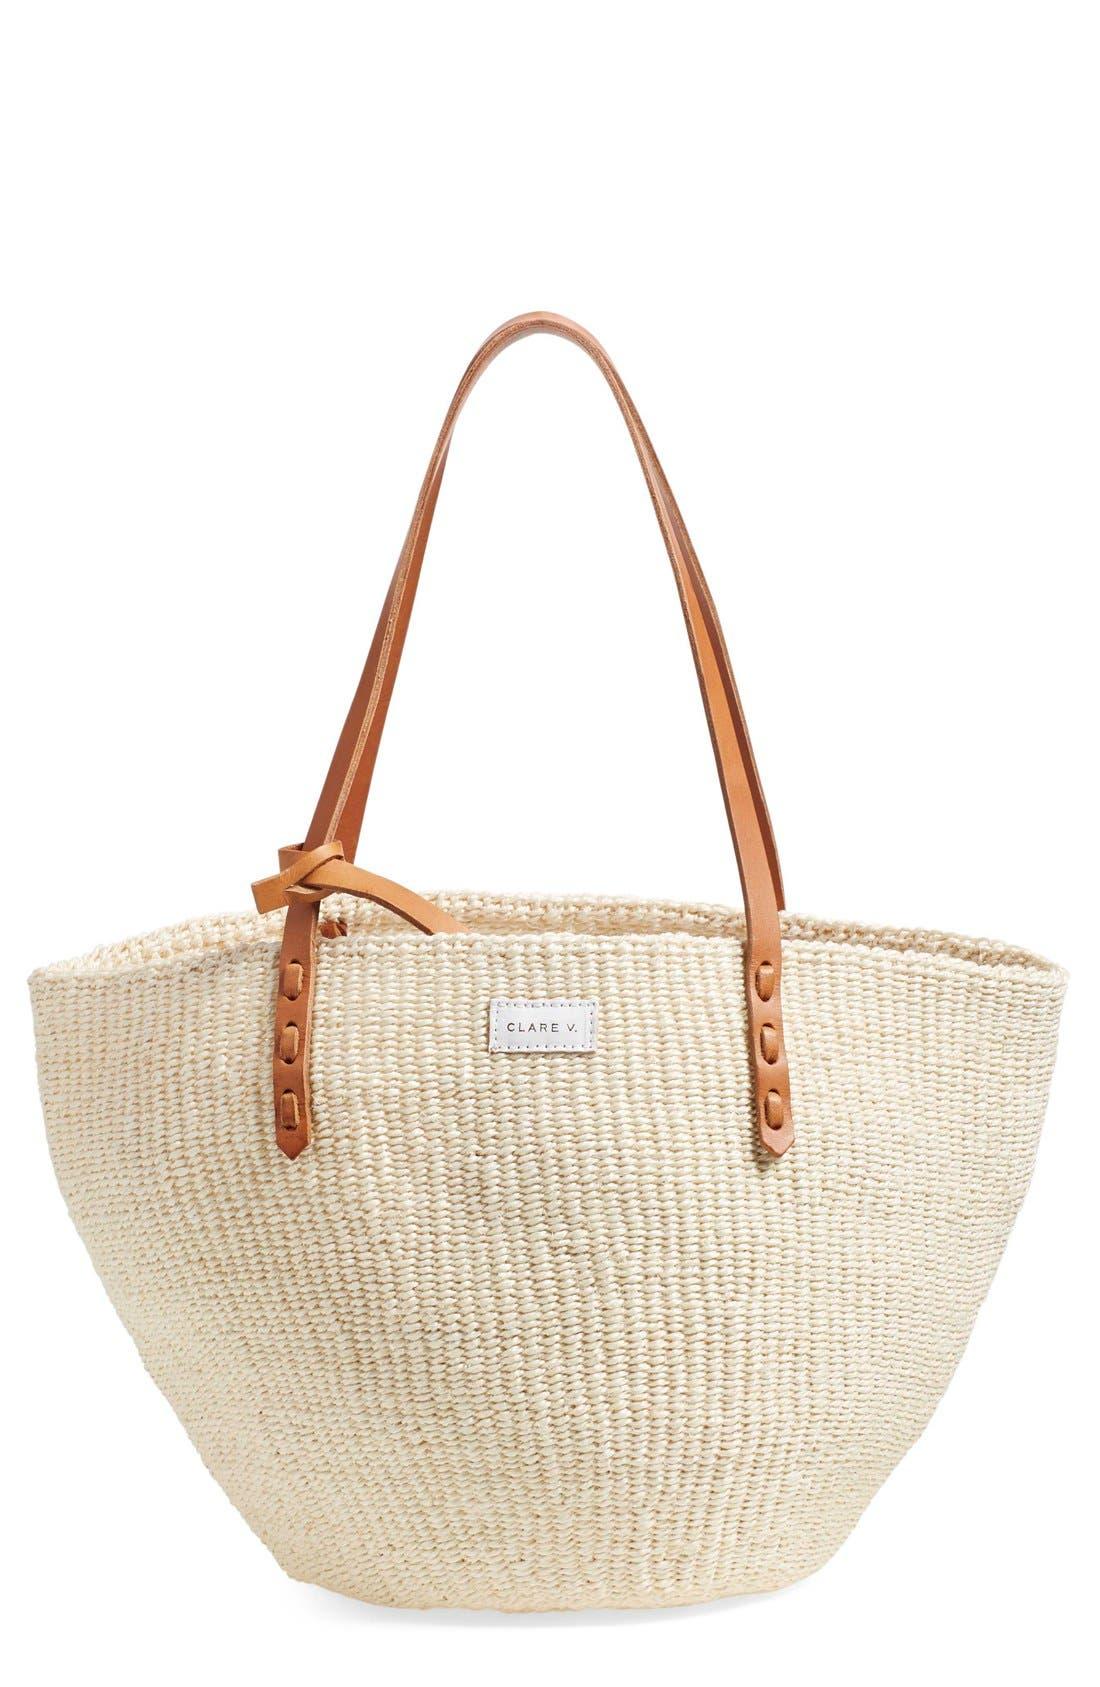 Main Image - Clare V. 'Kenya' Sisal Shoulder Bag